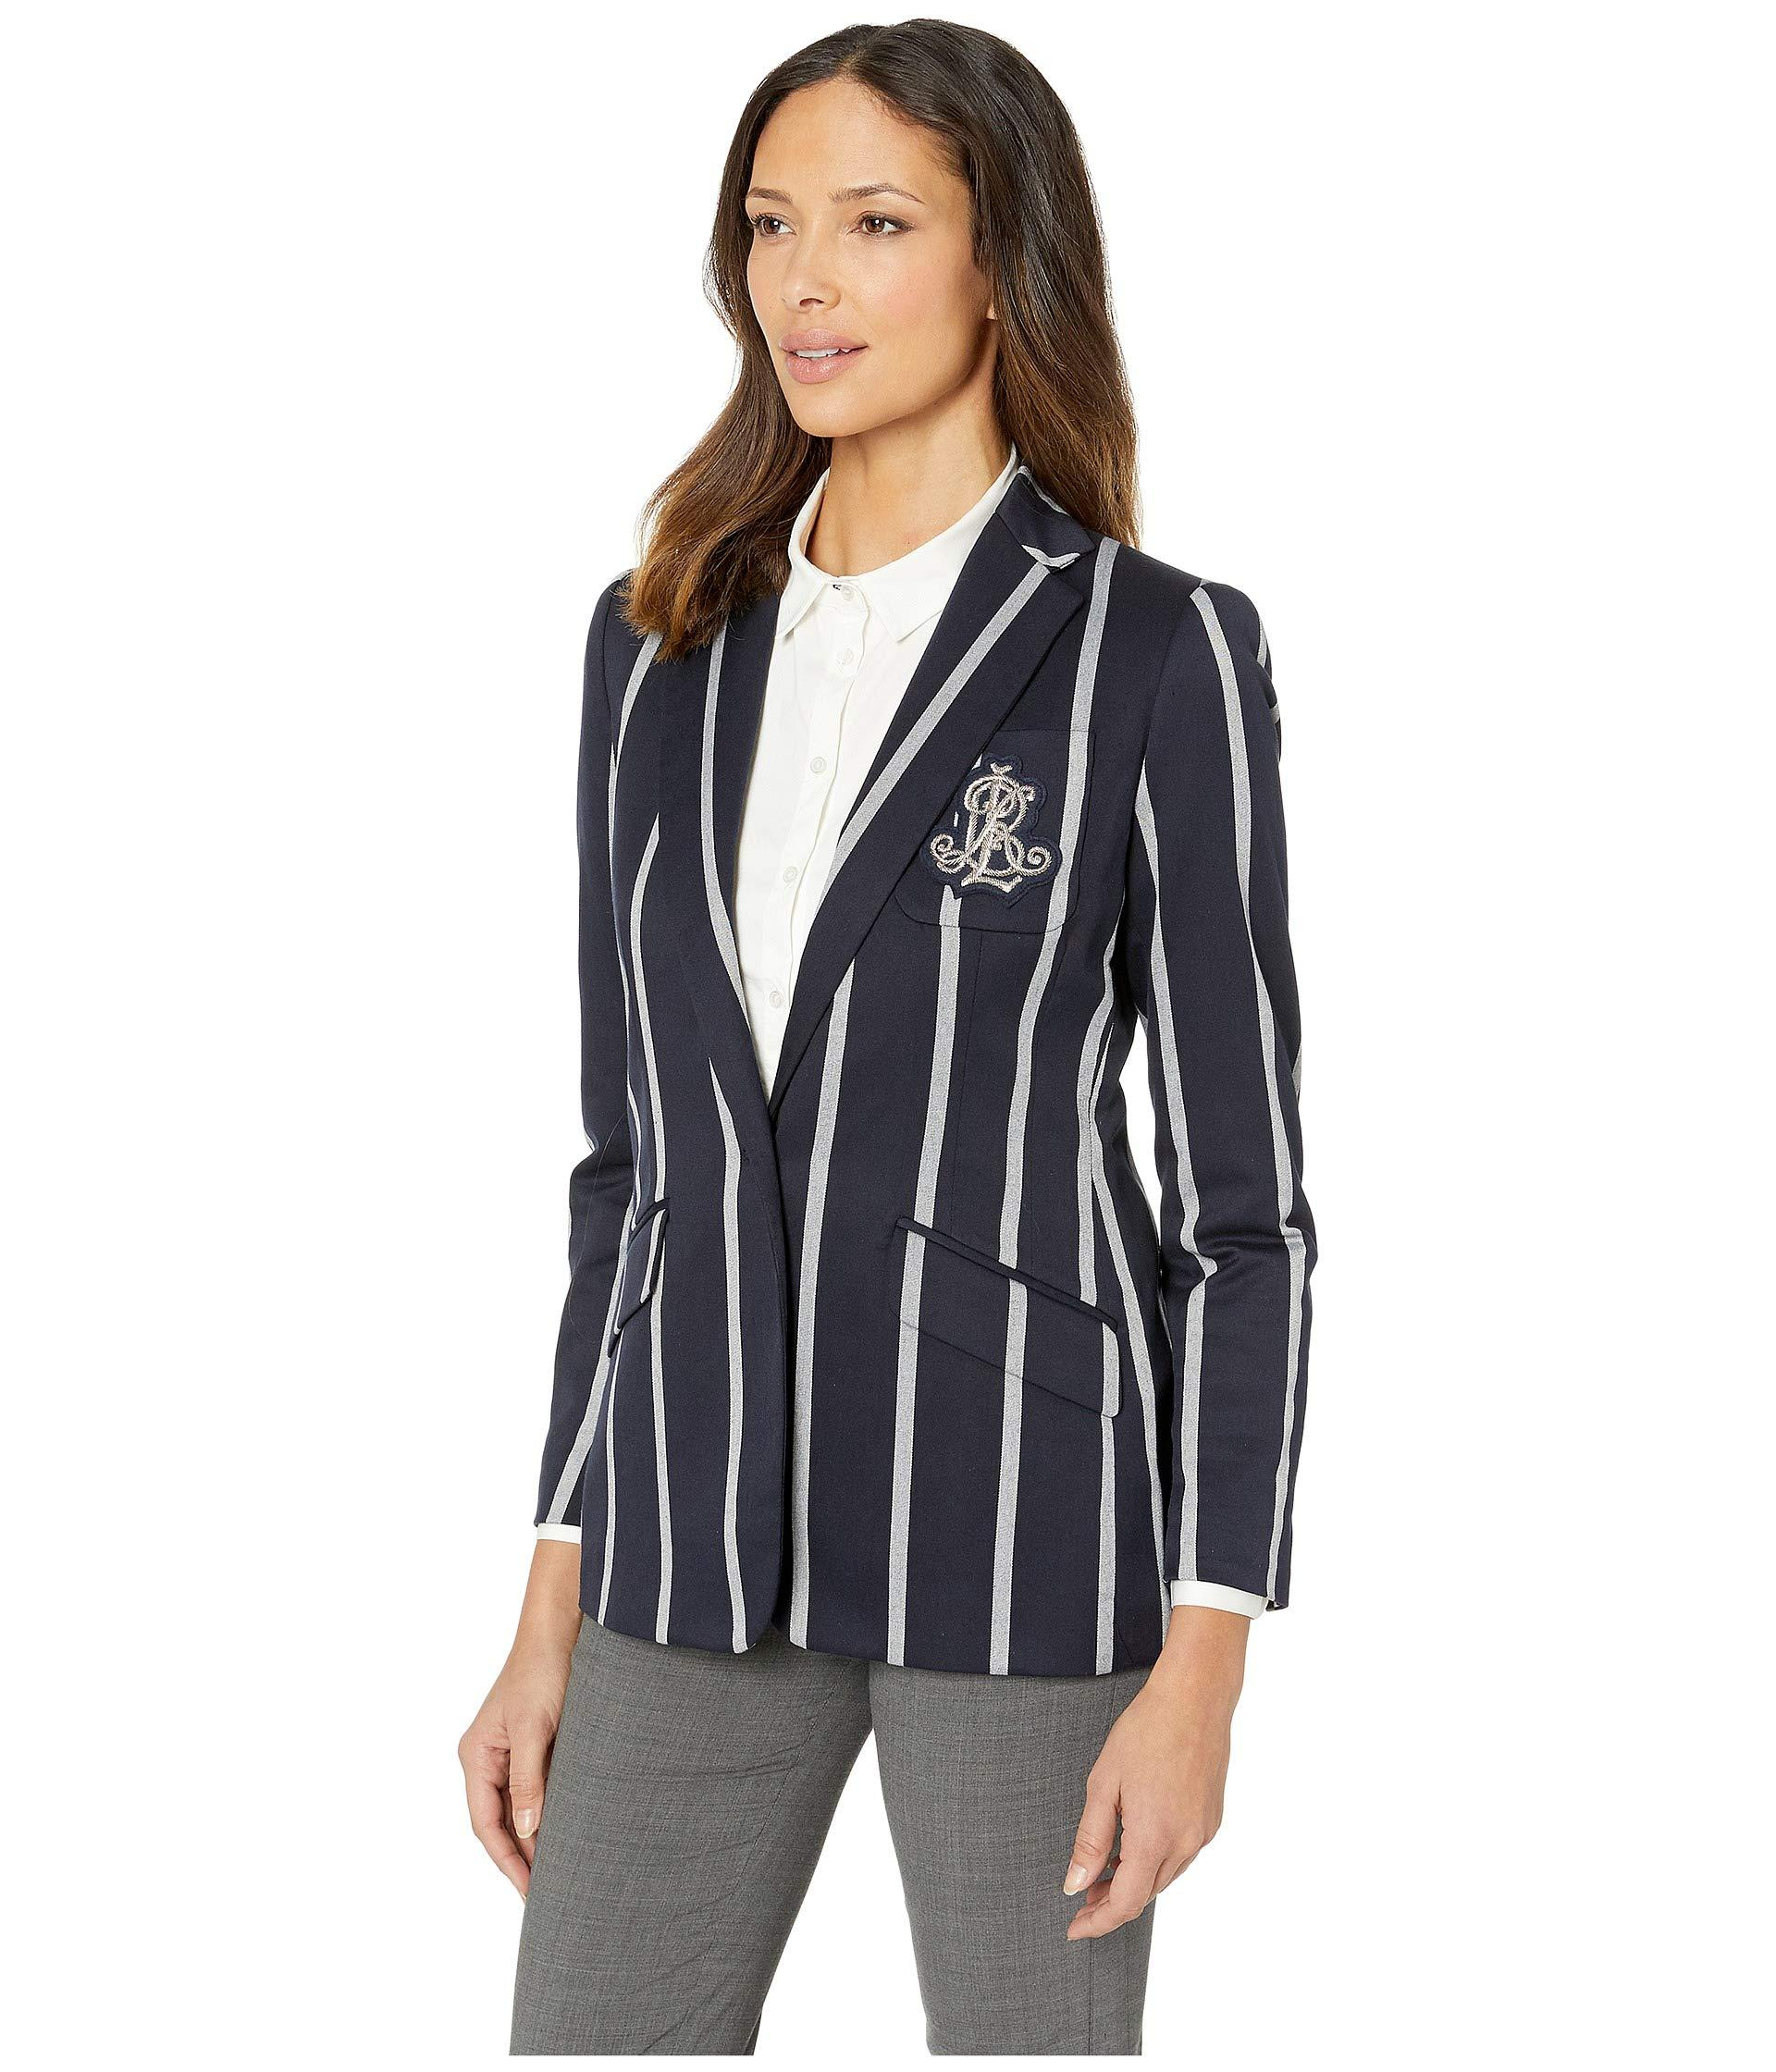 2a8ac6e2169 Lyst - Lauren by Ralph Lauren Cricket-stripe Crest Blazer (lauren  Navy mascarpone Cream) Women s Jacket in Blue